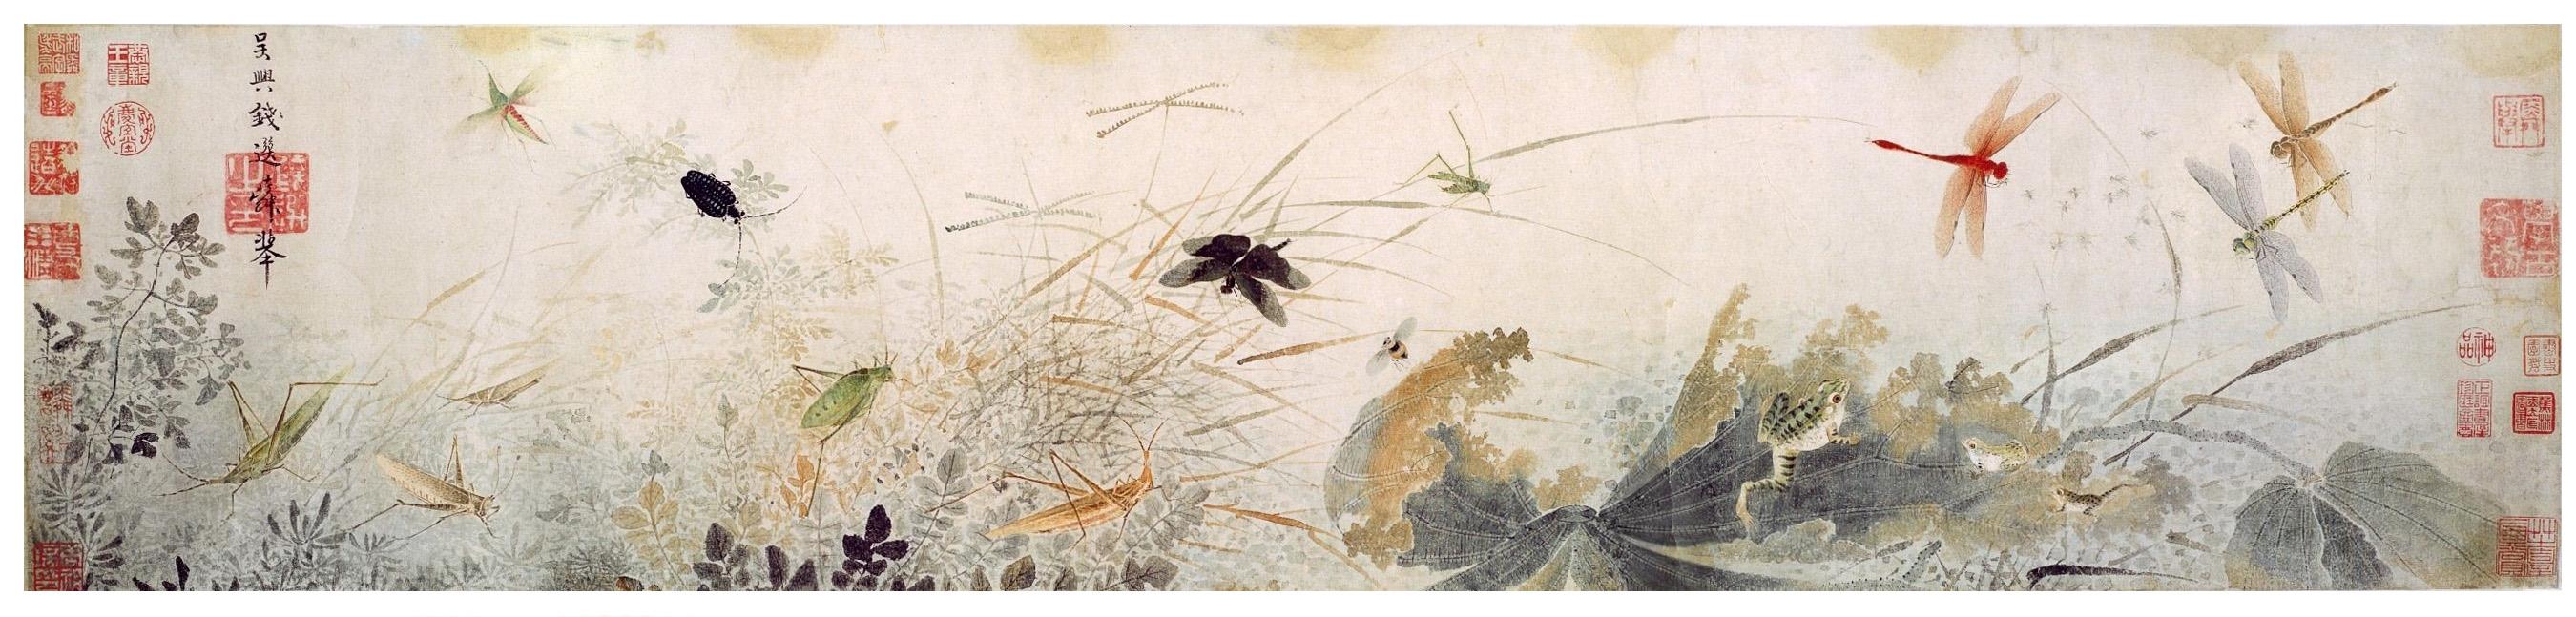 Qian Xuan Early_Autumn